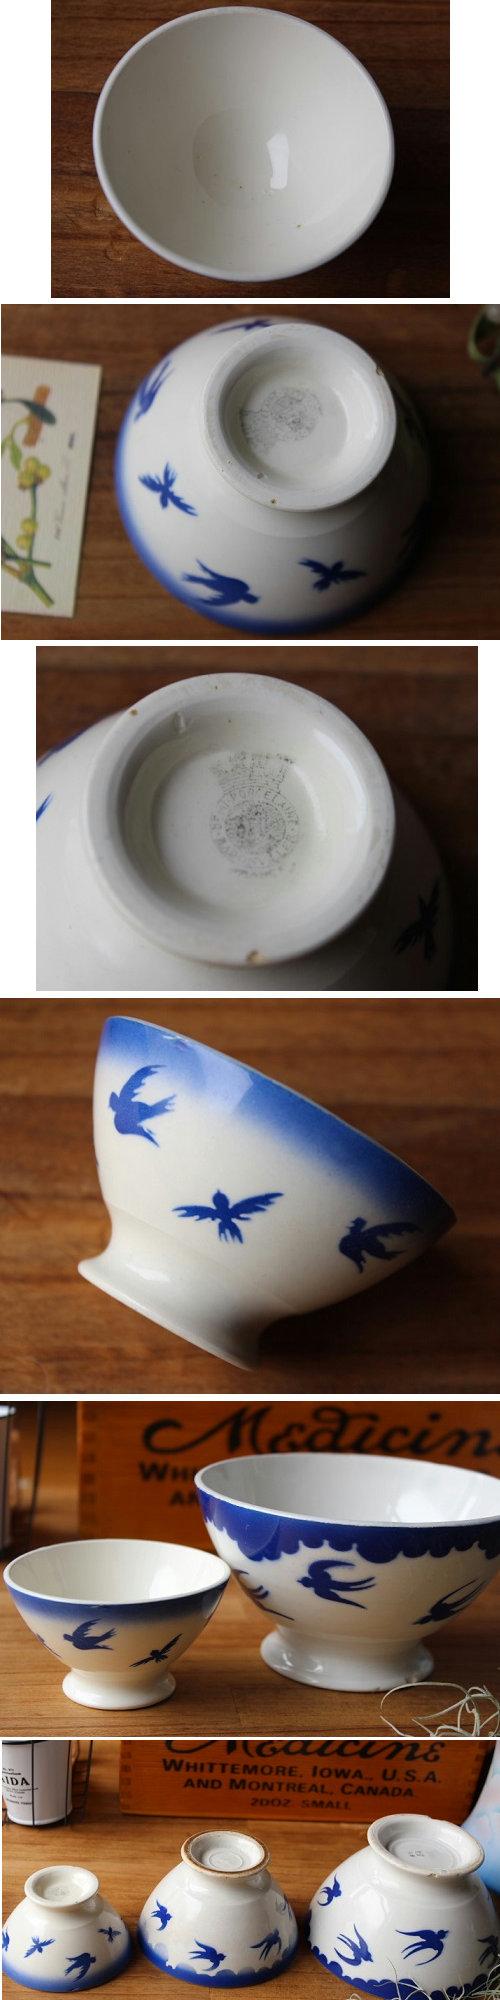 ツバメのカフェオレボウル